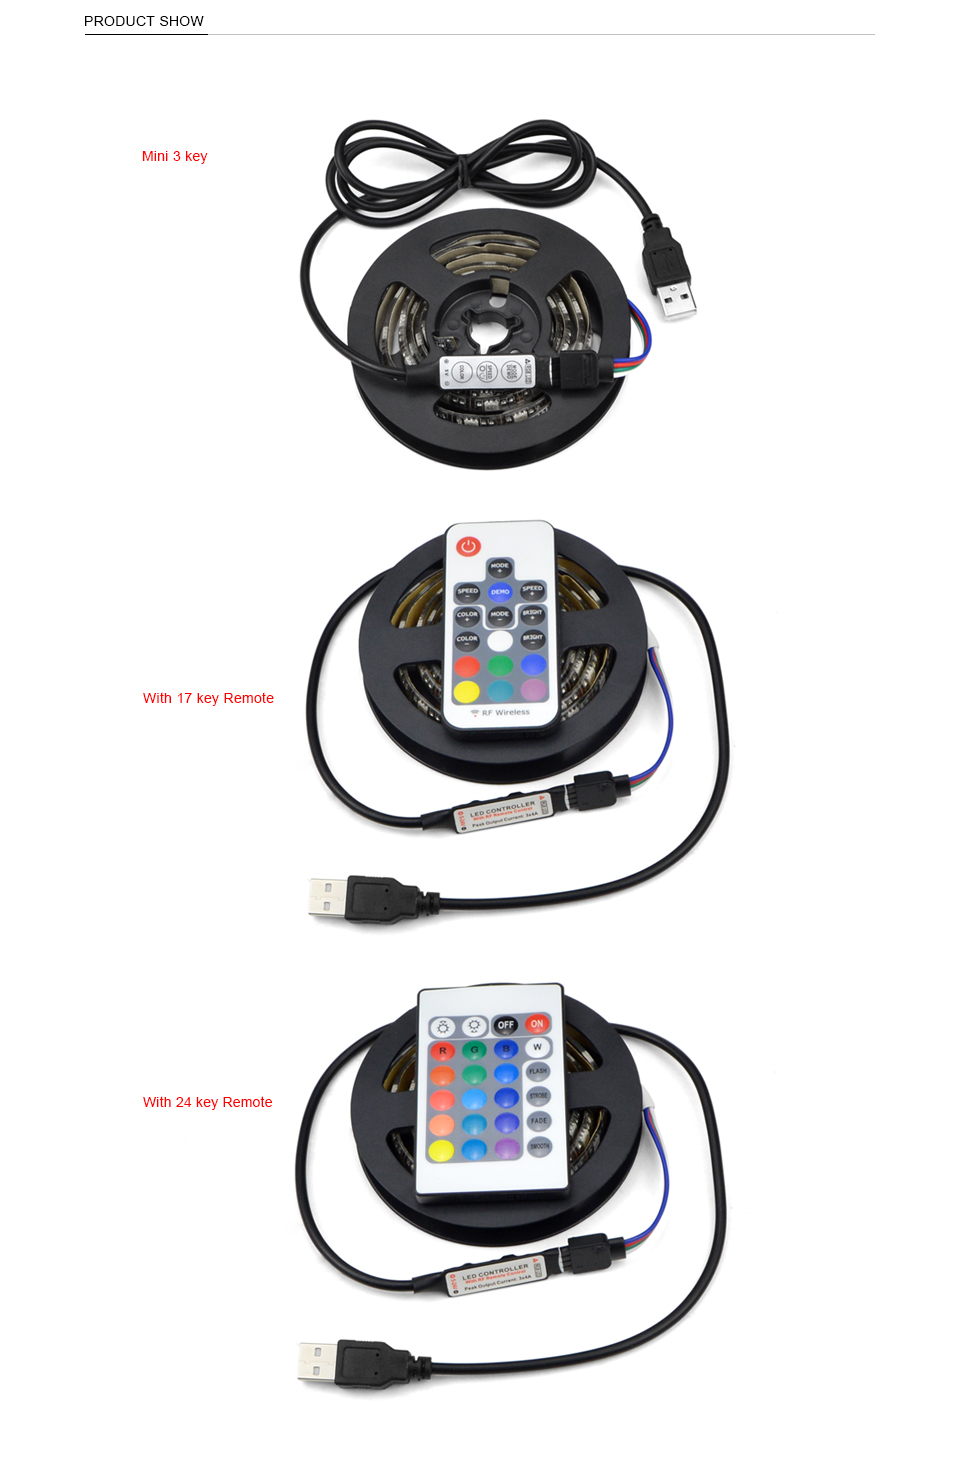 HTB12CyRc56guuRkSmLyq6AulFXaR - DC 5V 5050 SMD RGB USB LED strip Light Ribbon tape 1M 2M 3M 4M 5M USB charger LED lamp 3key 17key 24key RGB remote control